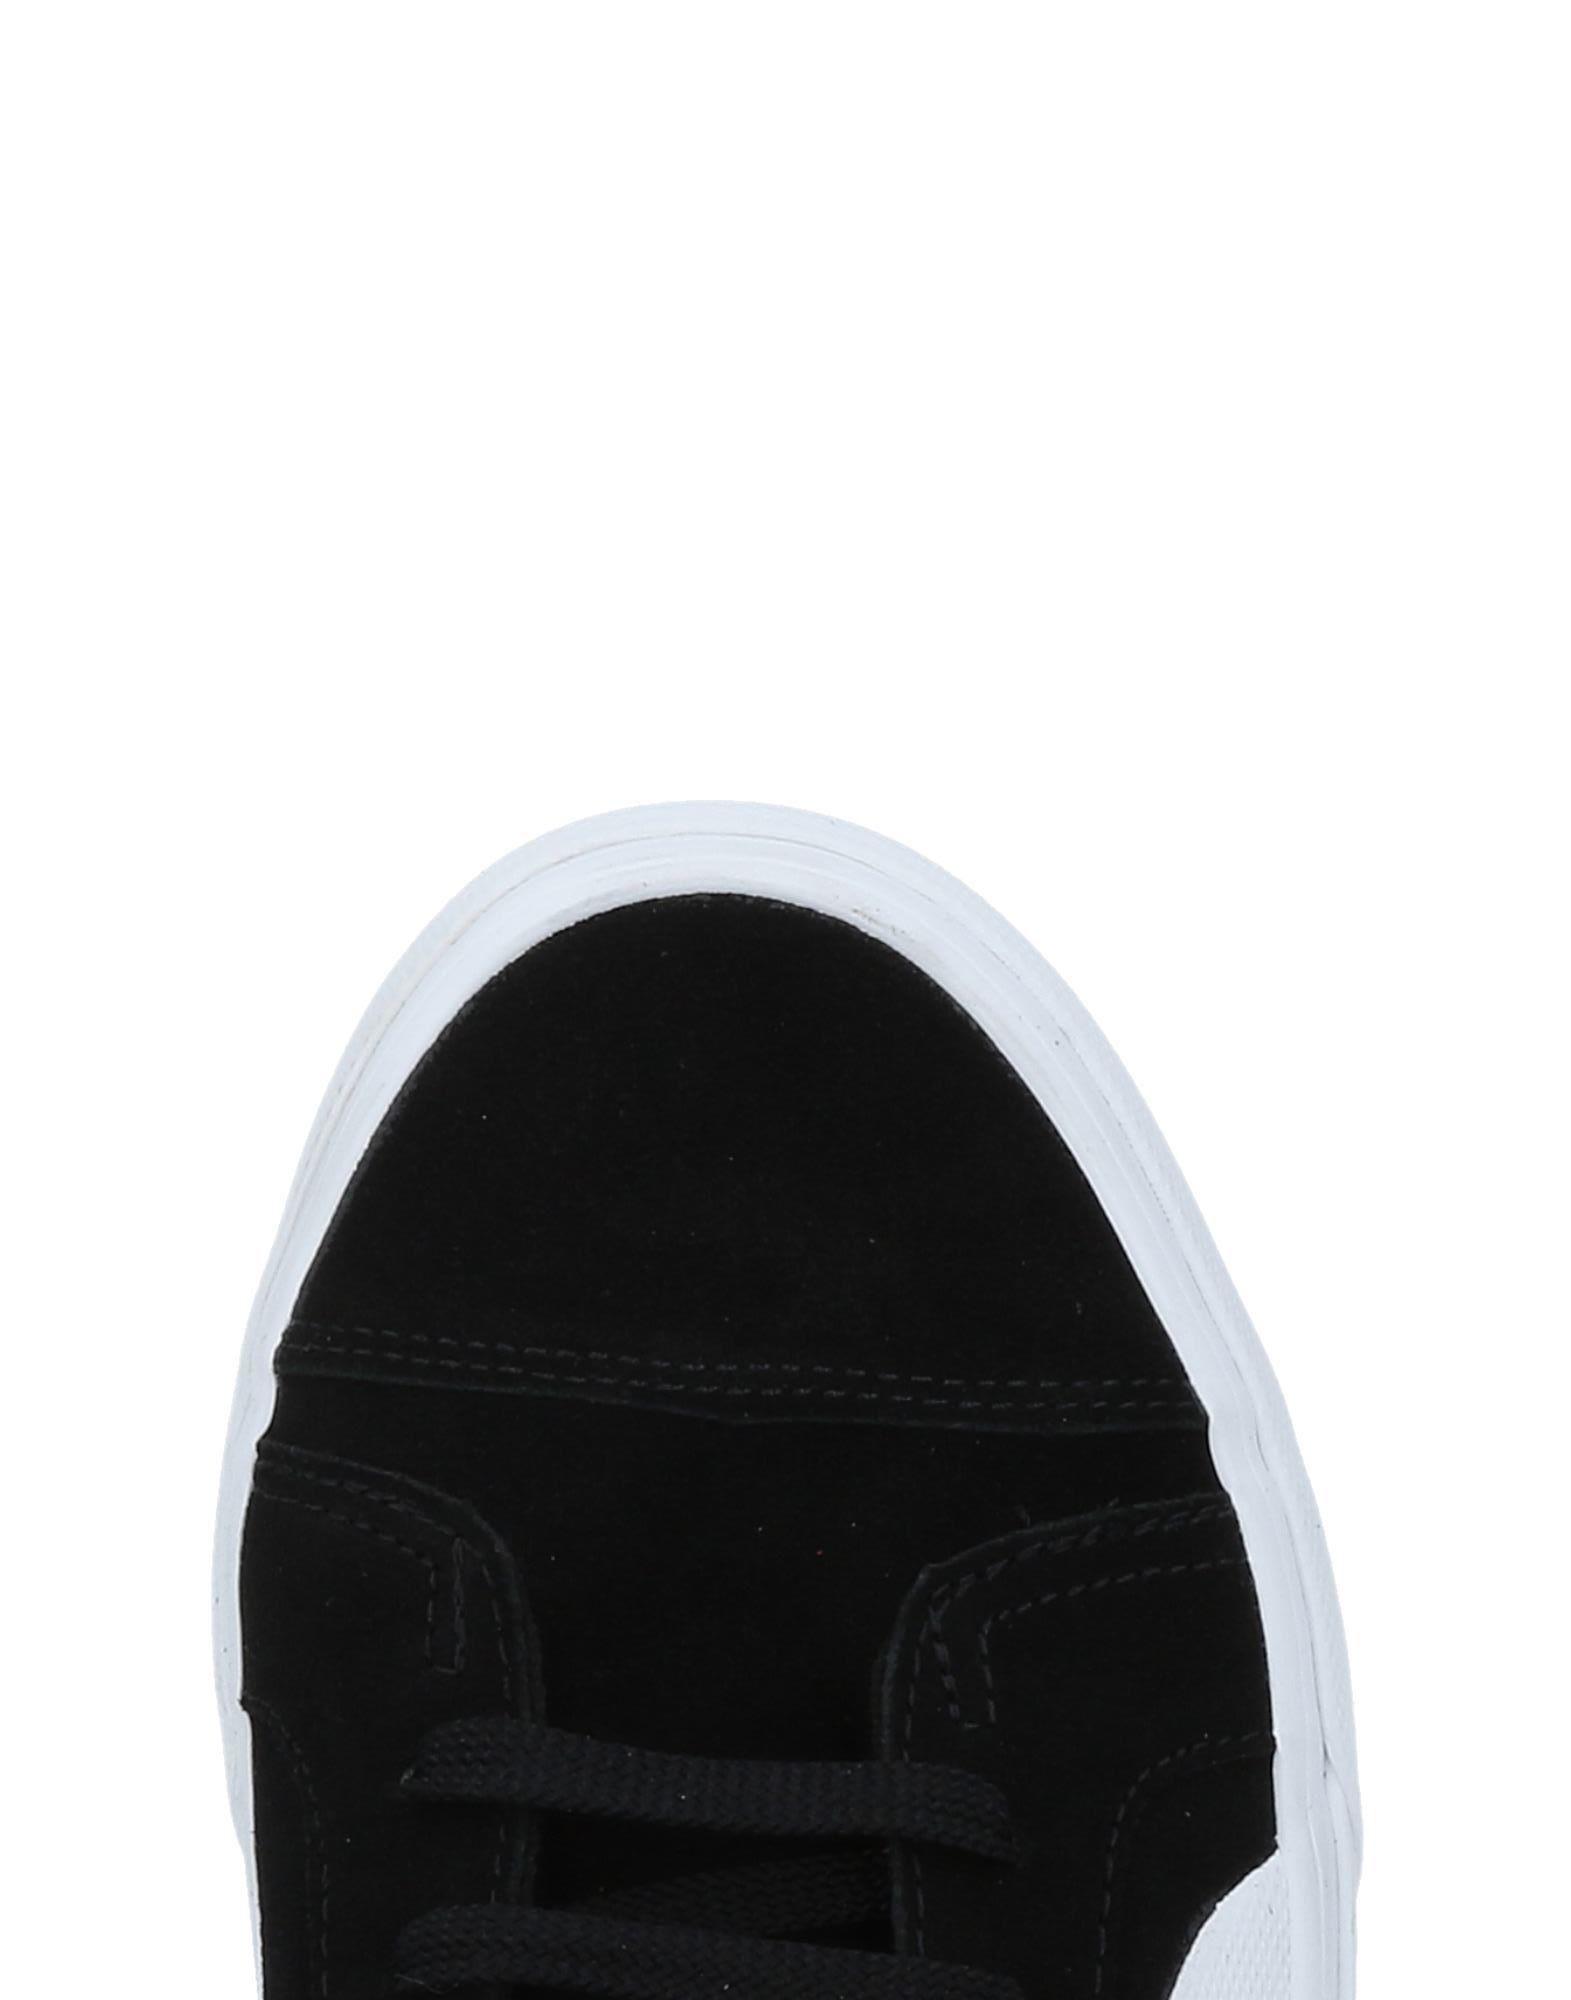 Vans Sneakers 11491901BQ Herren  11491901BQ Sneakers Heiße Schuhe 1d3d4a